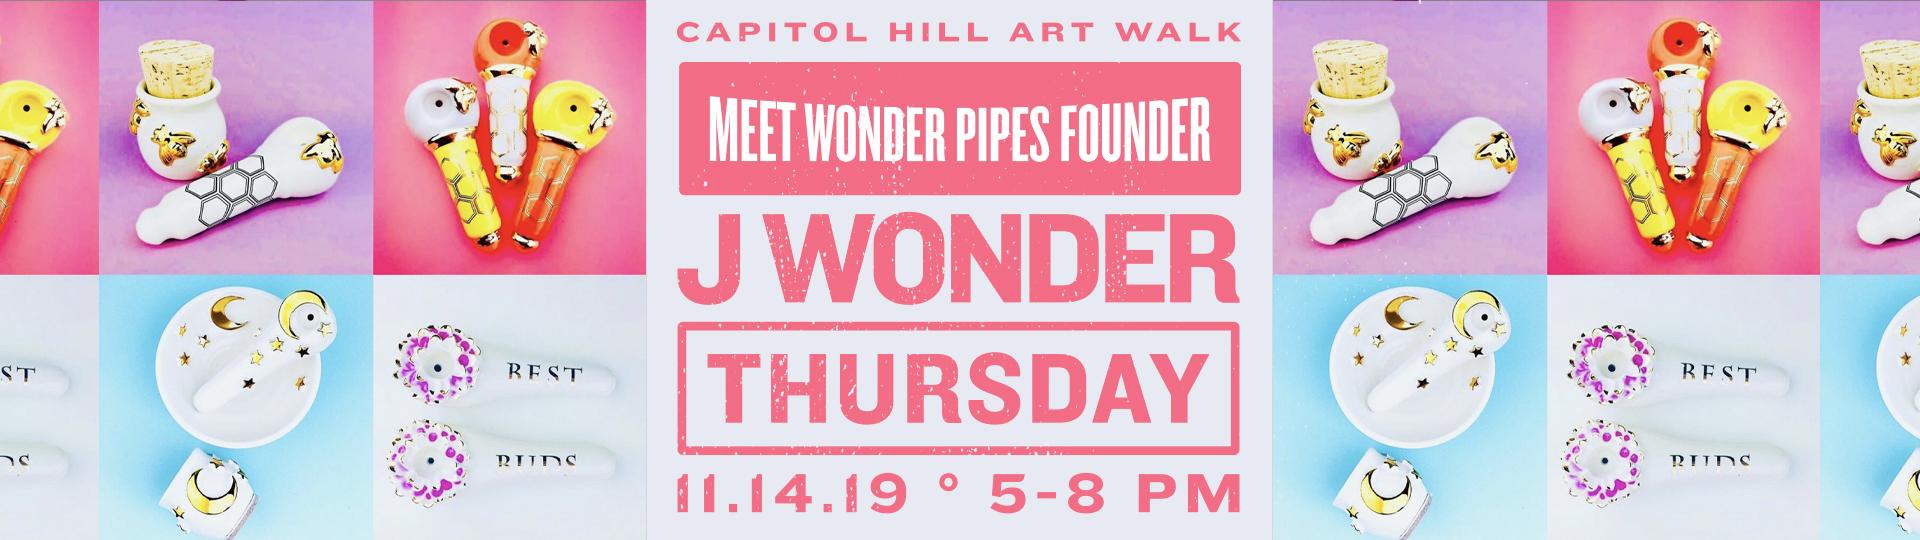 Wonder pipes